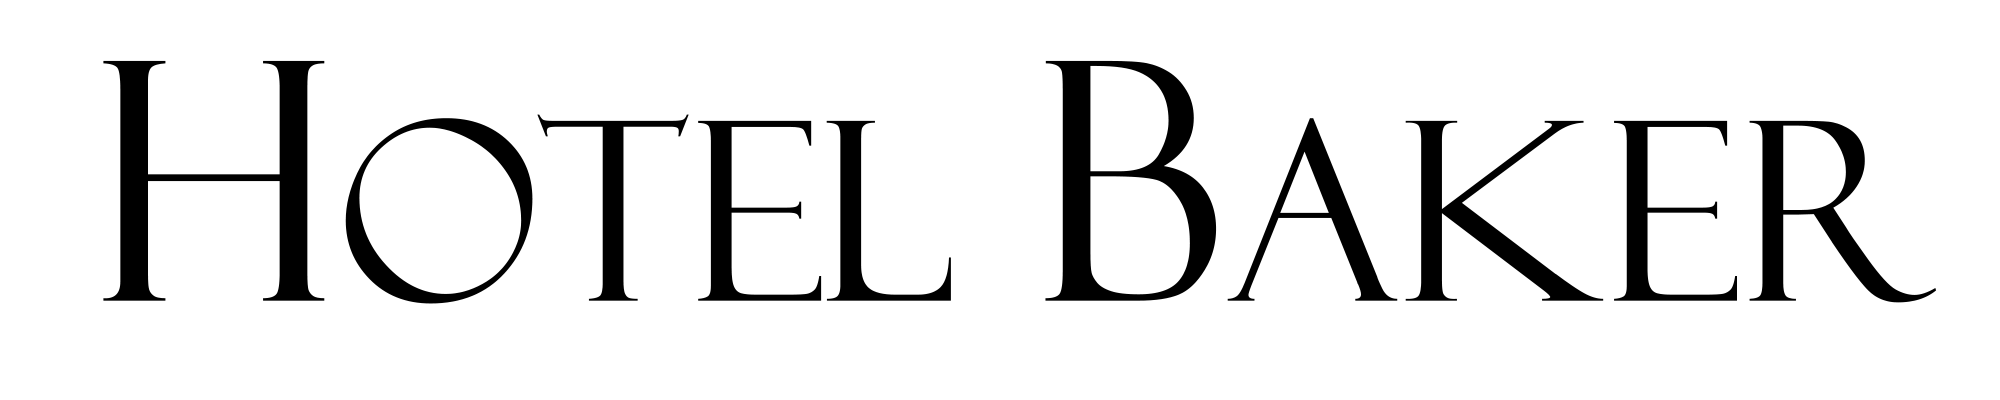 Hotel Baker Logo